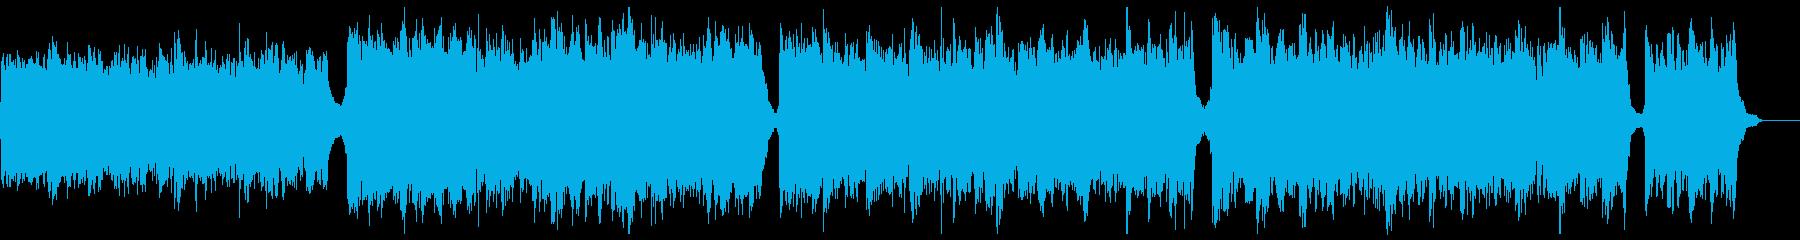 知的なシネマティックピアノ:メロディ無2の再生済みの波形